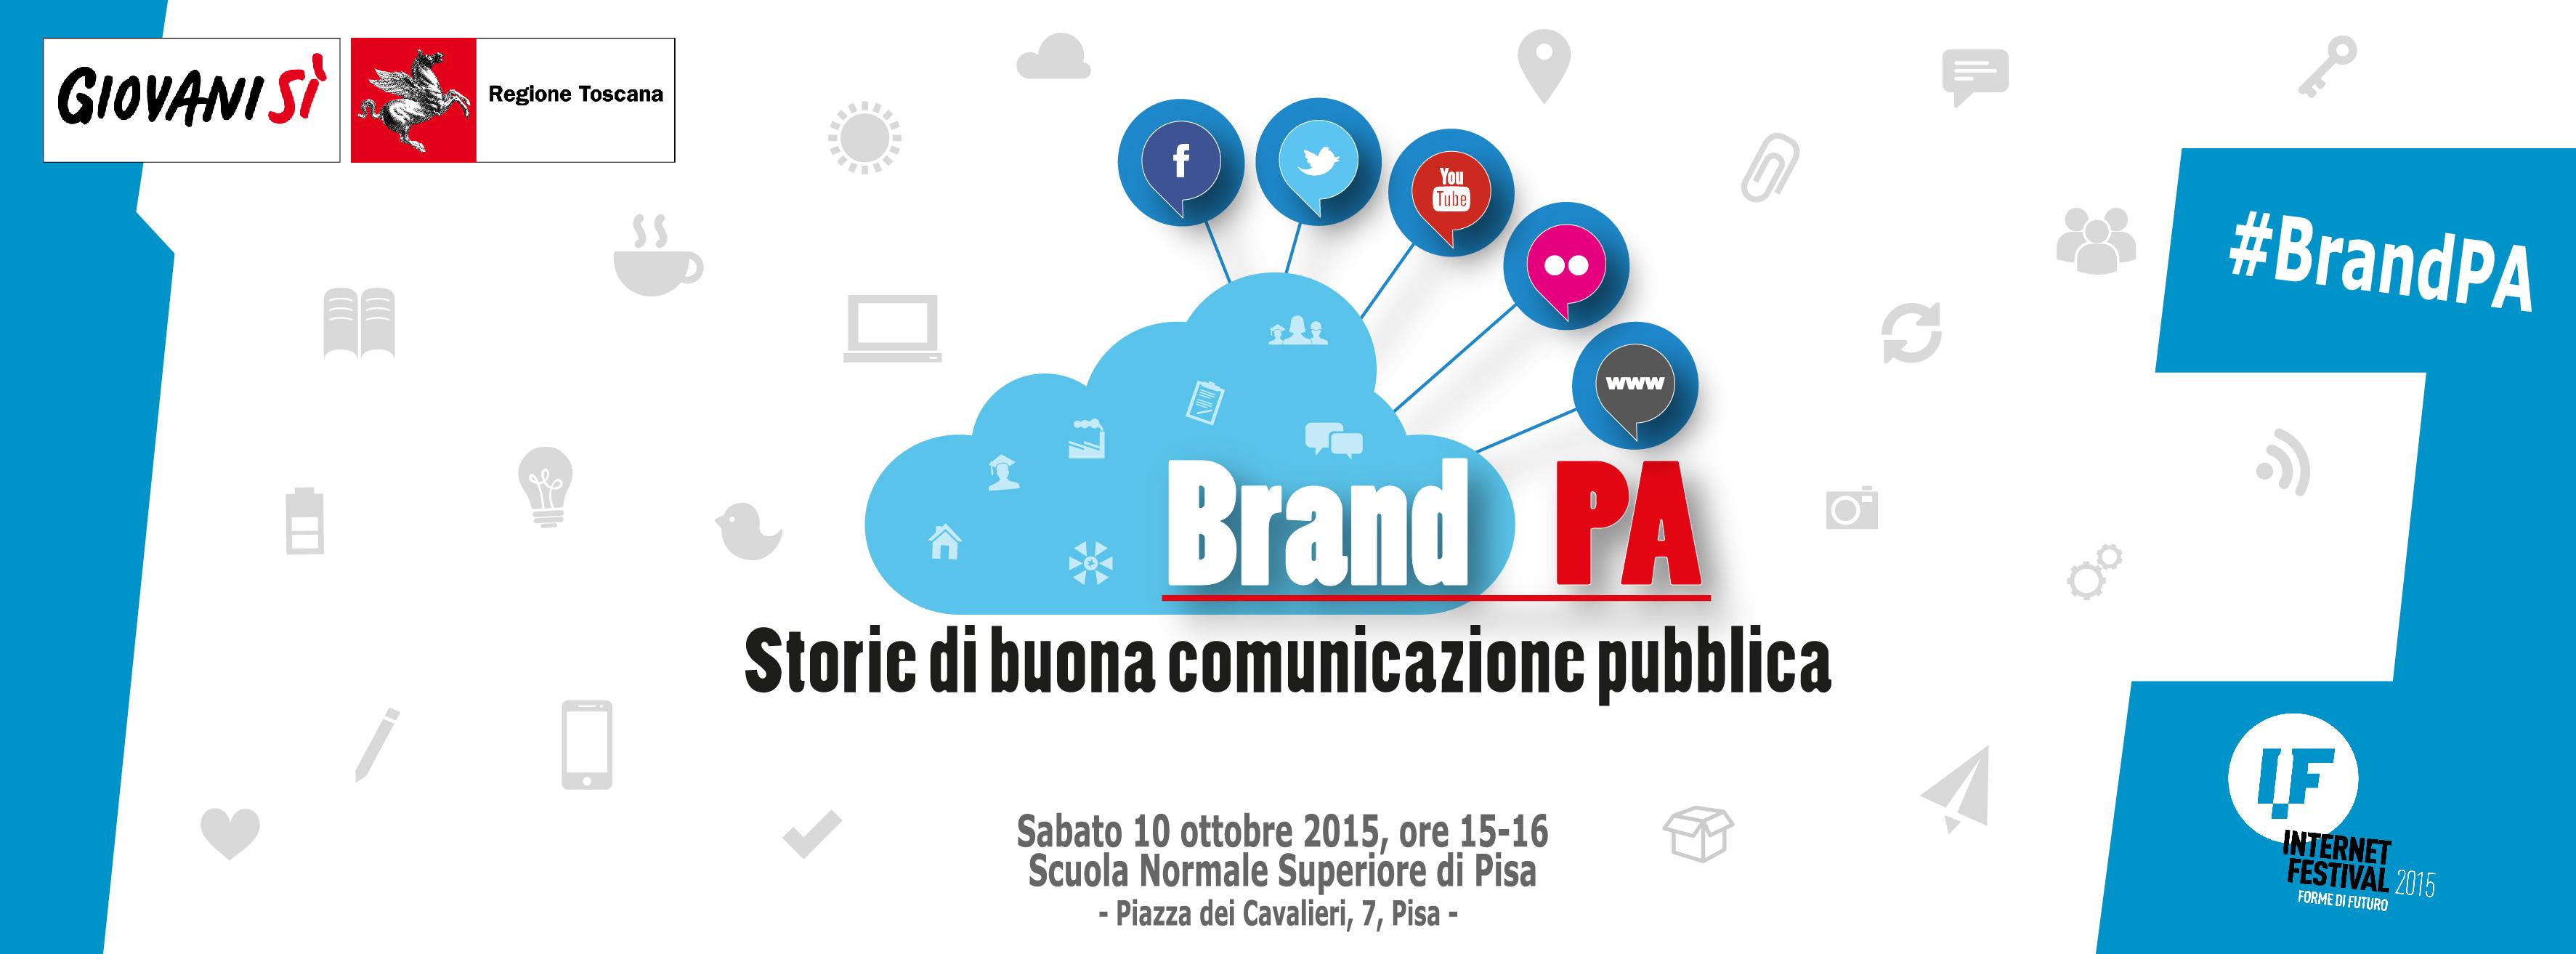 """""""Brand PA: storie di buona comunicazione pubblica"""": il 10/10 Giovanisì all'Internet Festival di Pisa"""